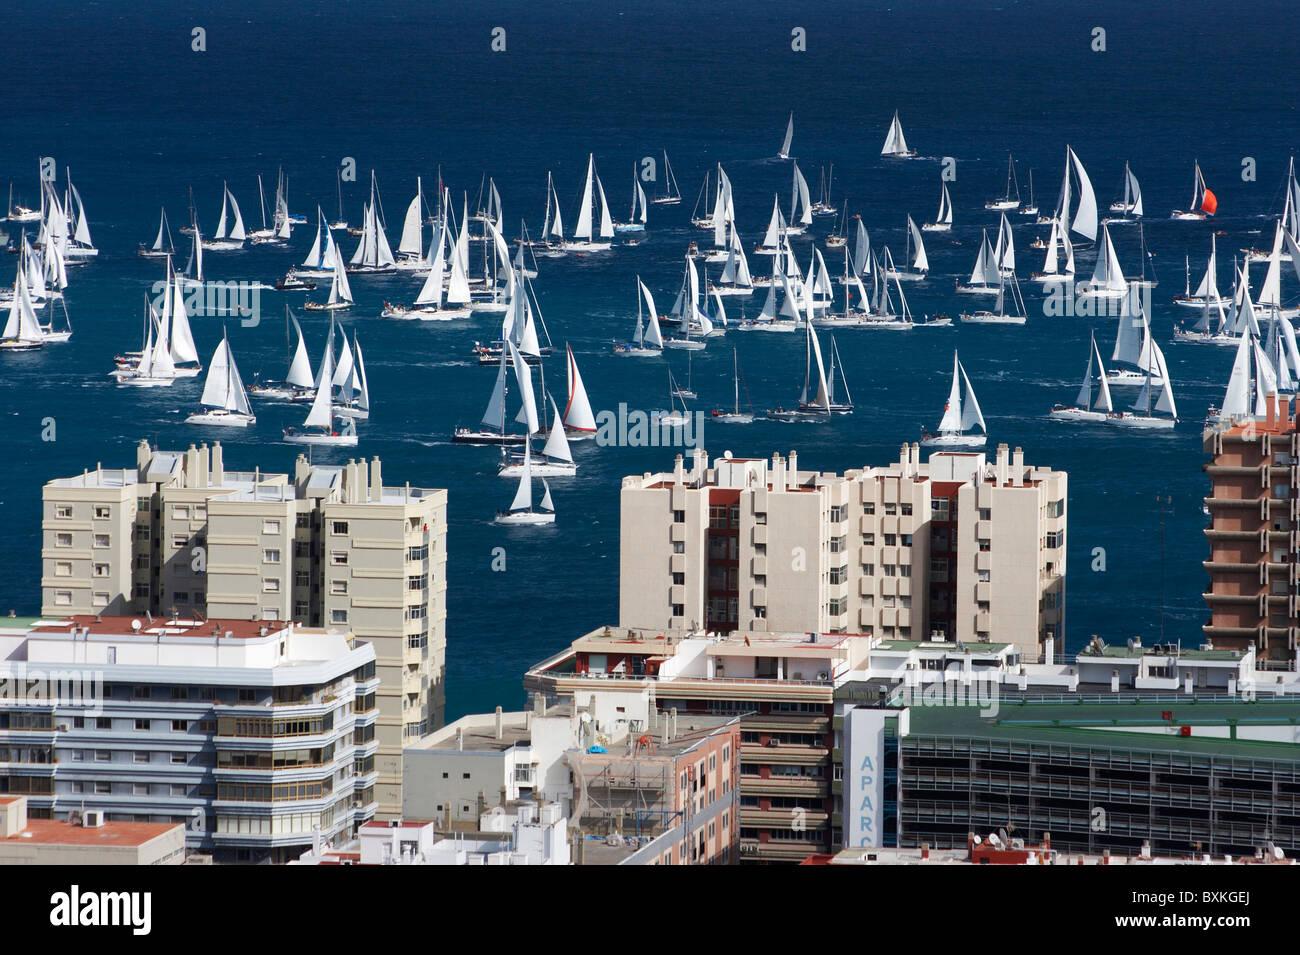 2007 Arc Transat desde Las Palmas a Santa Lucía en el Caribe Foto de stock